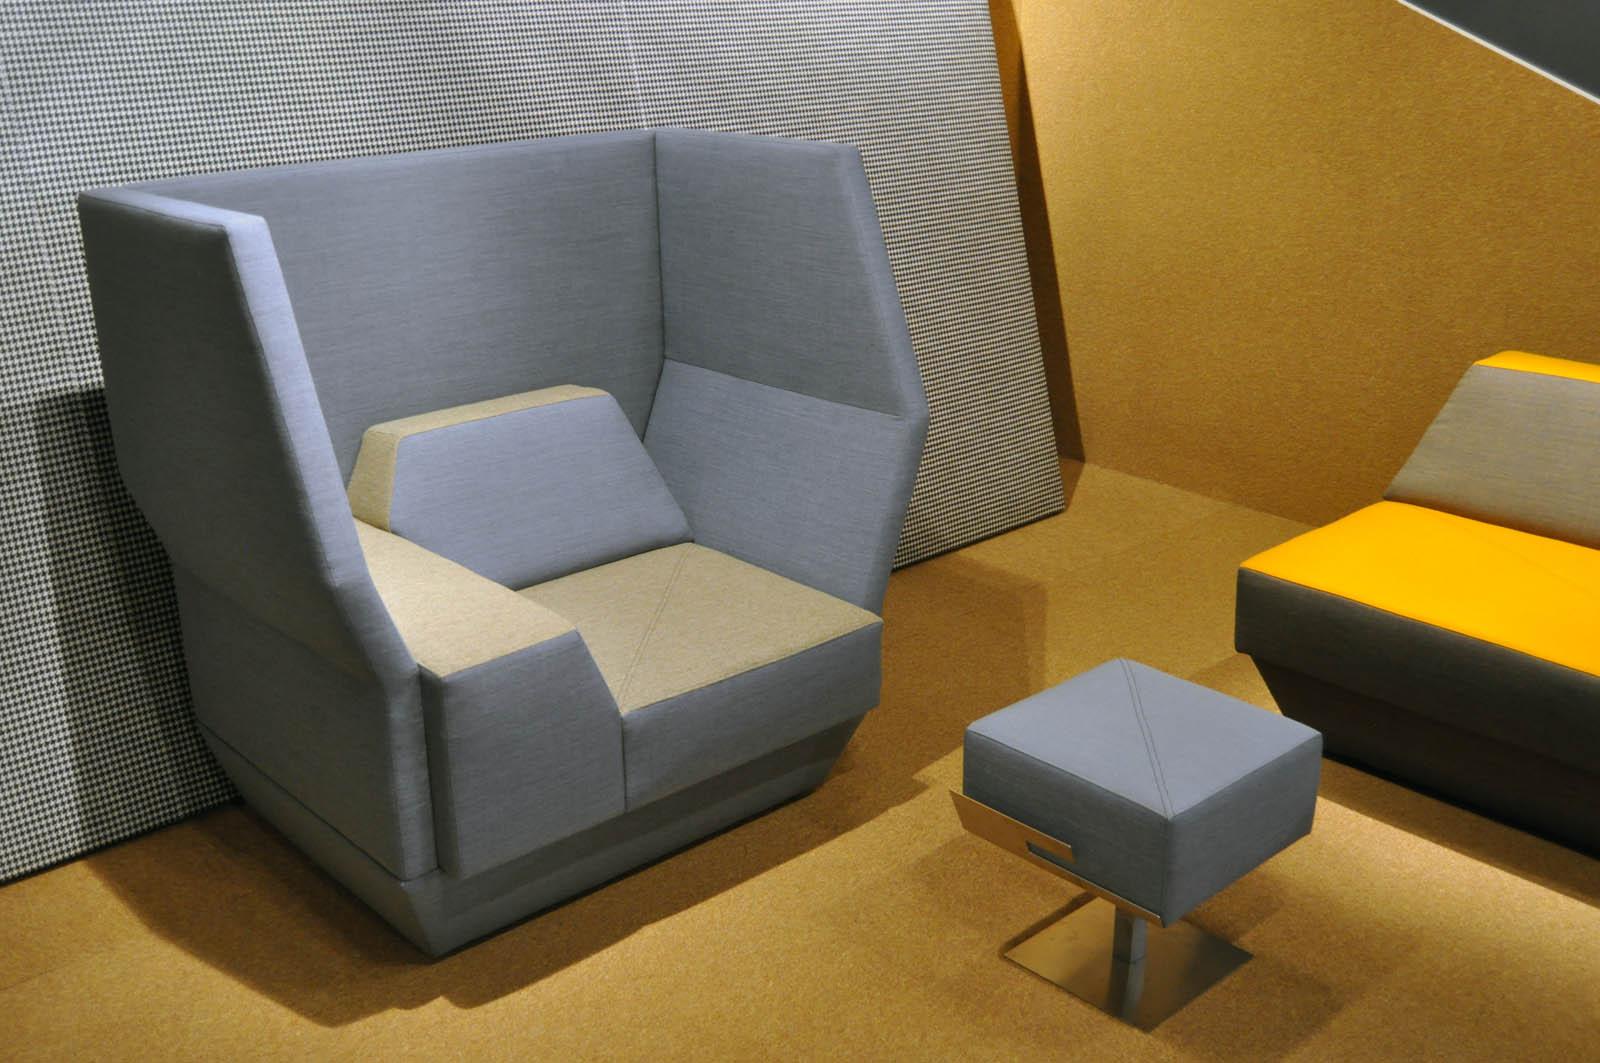 Cross, couch, Jeroen de Nijs